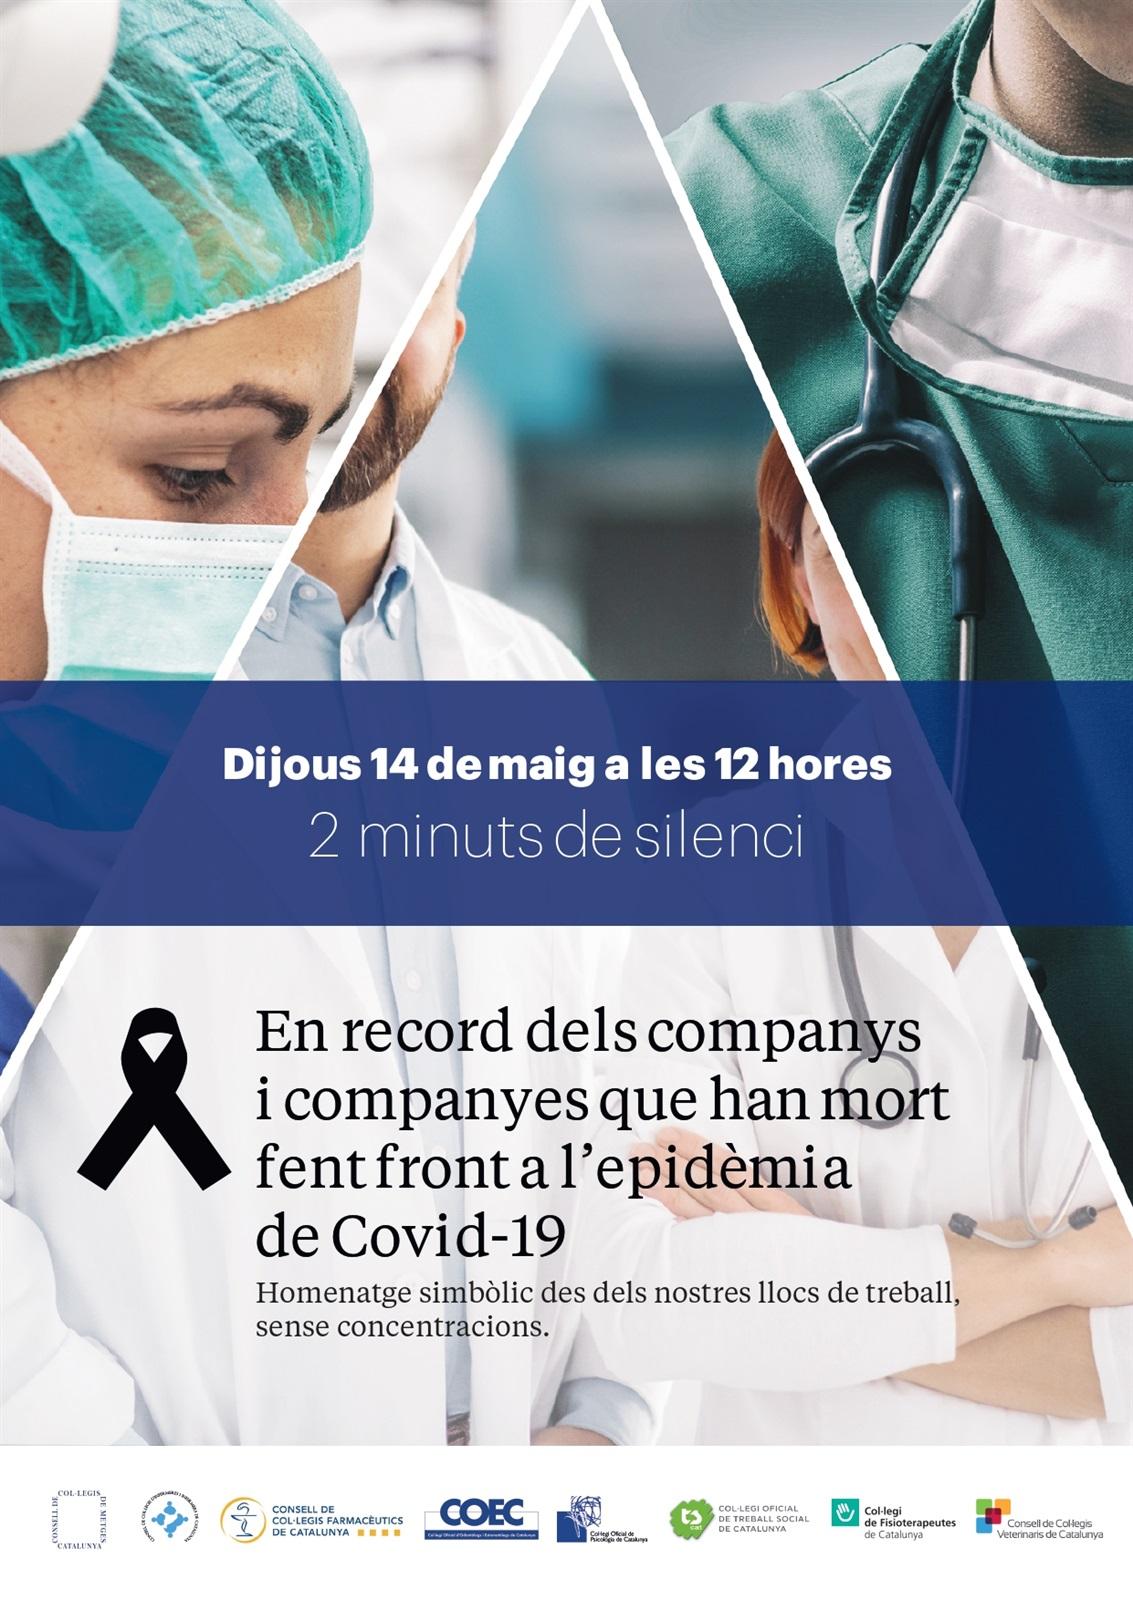 Convocatòria de 2 minuts de silenci pels companys i companyes que han mort fent front a la COVID-19